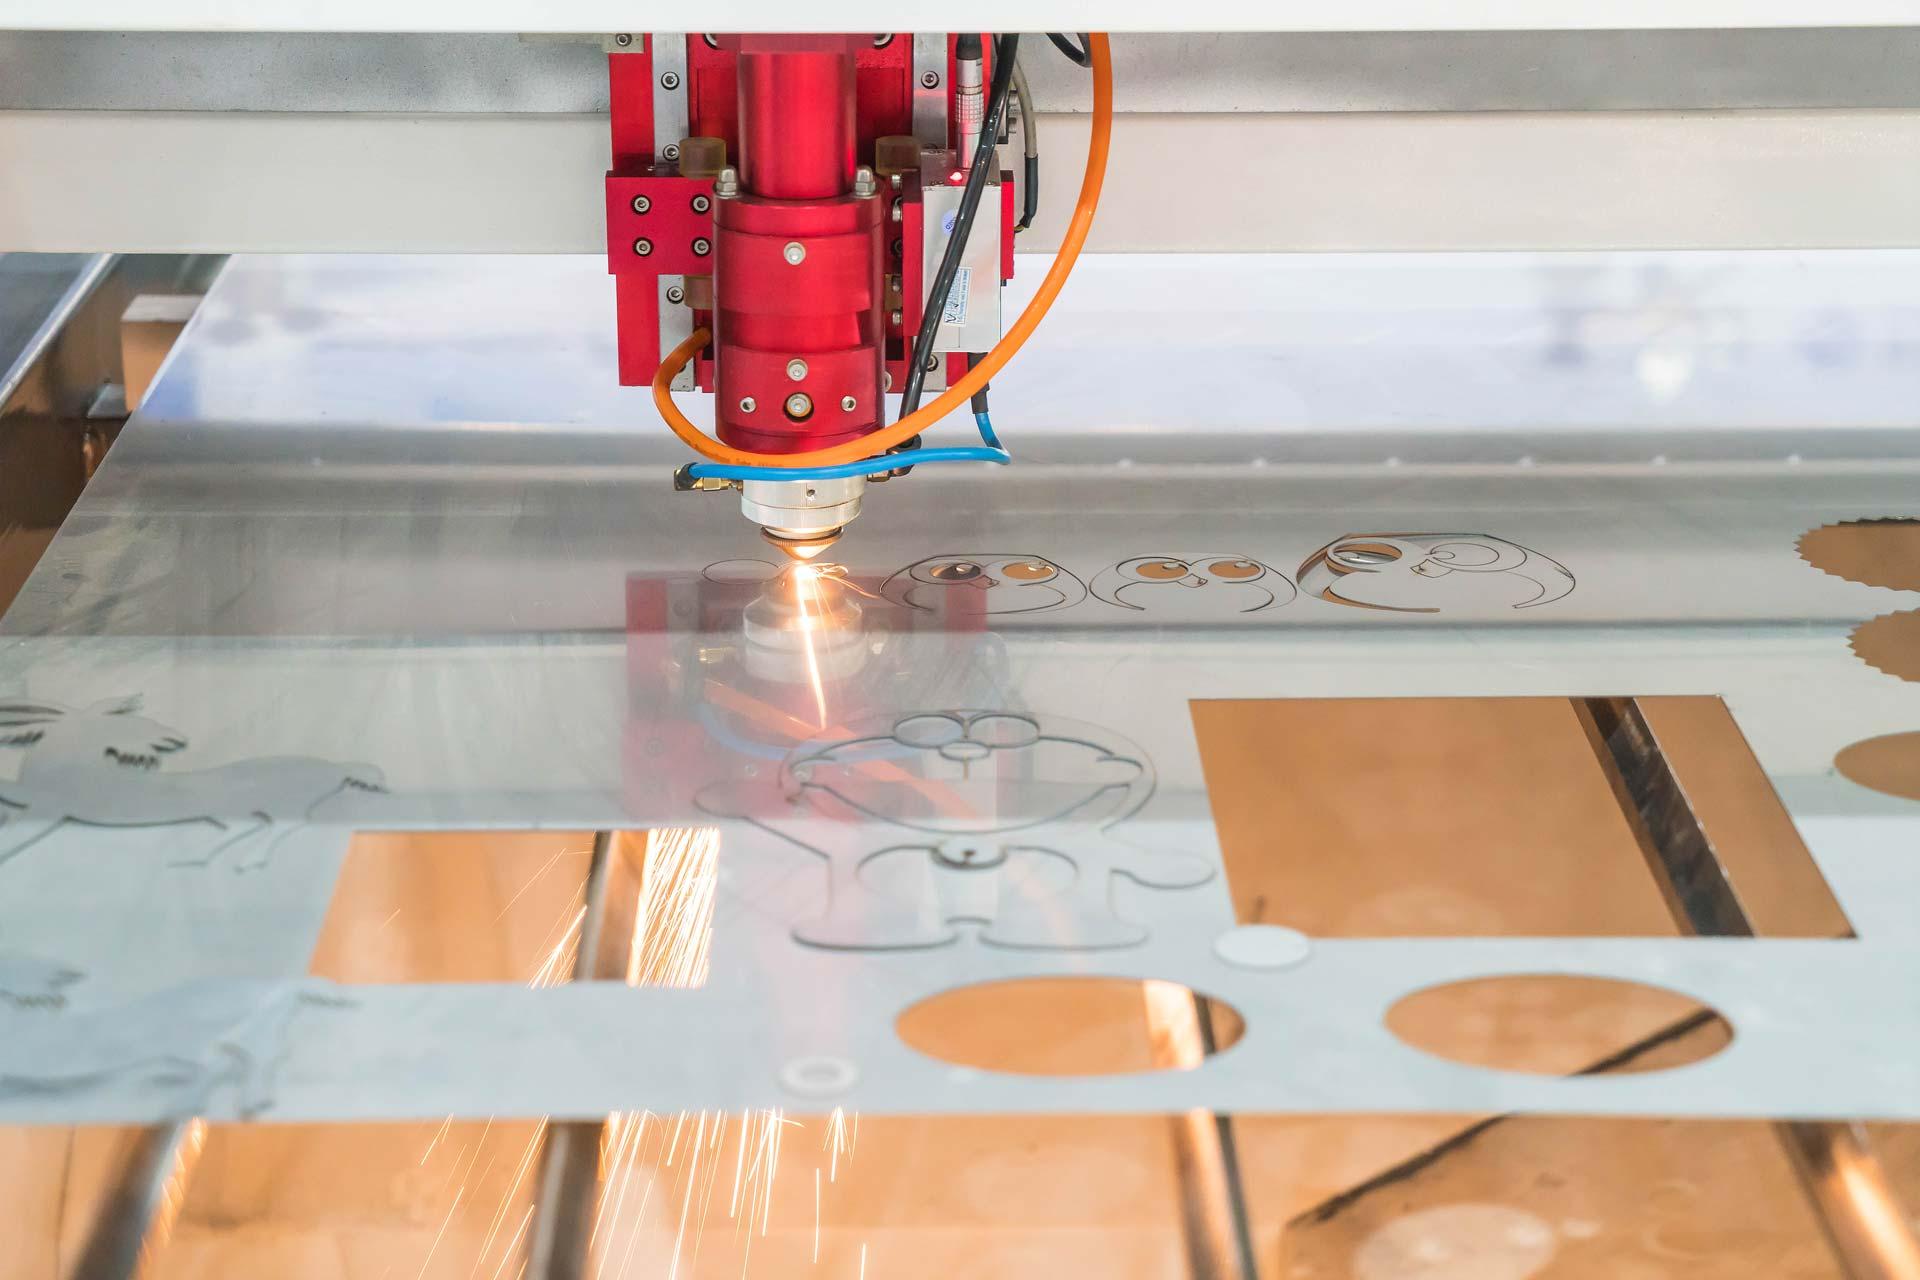 Gravură laser